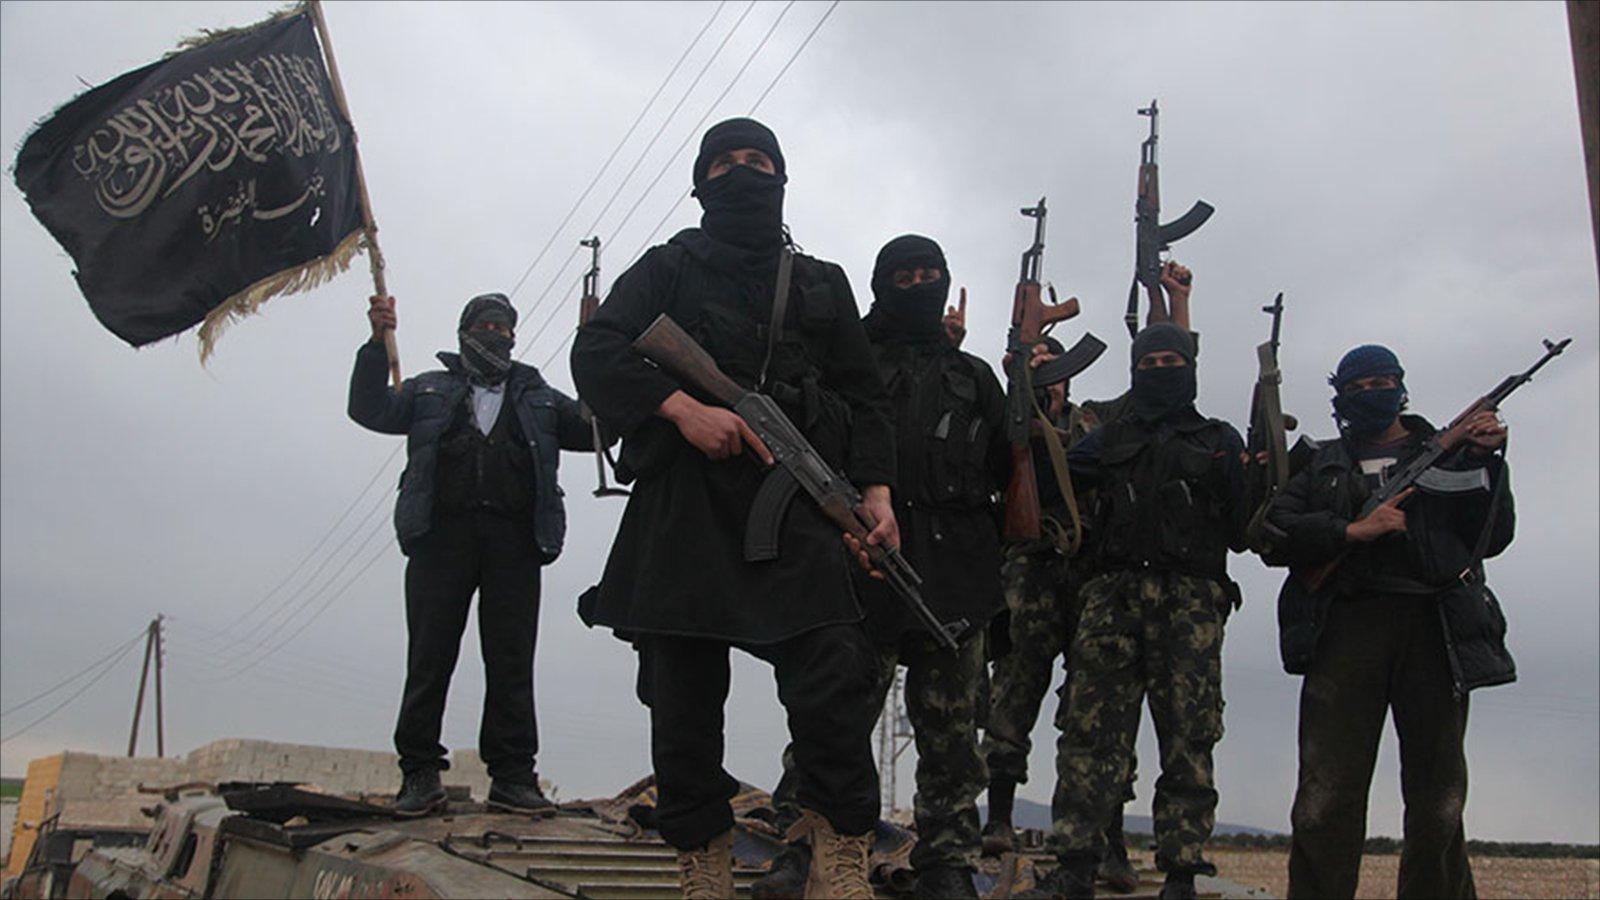 تنظيم الدولة يصدر القطن الى العواصم الغربية